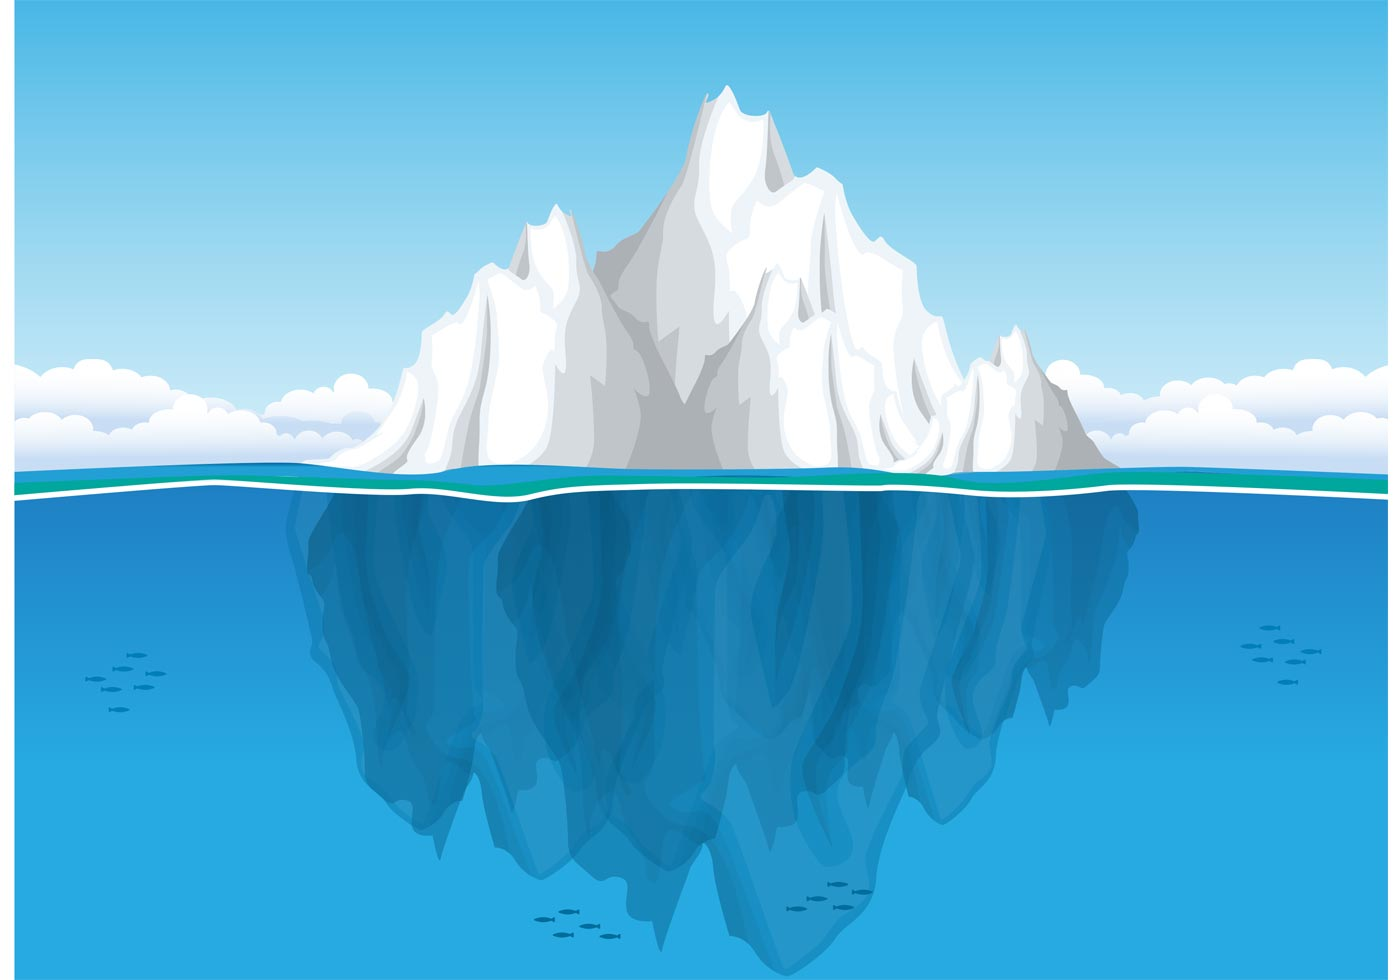 Iceberg Clip Art - ClipArt Best